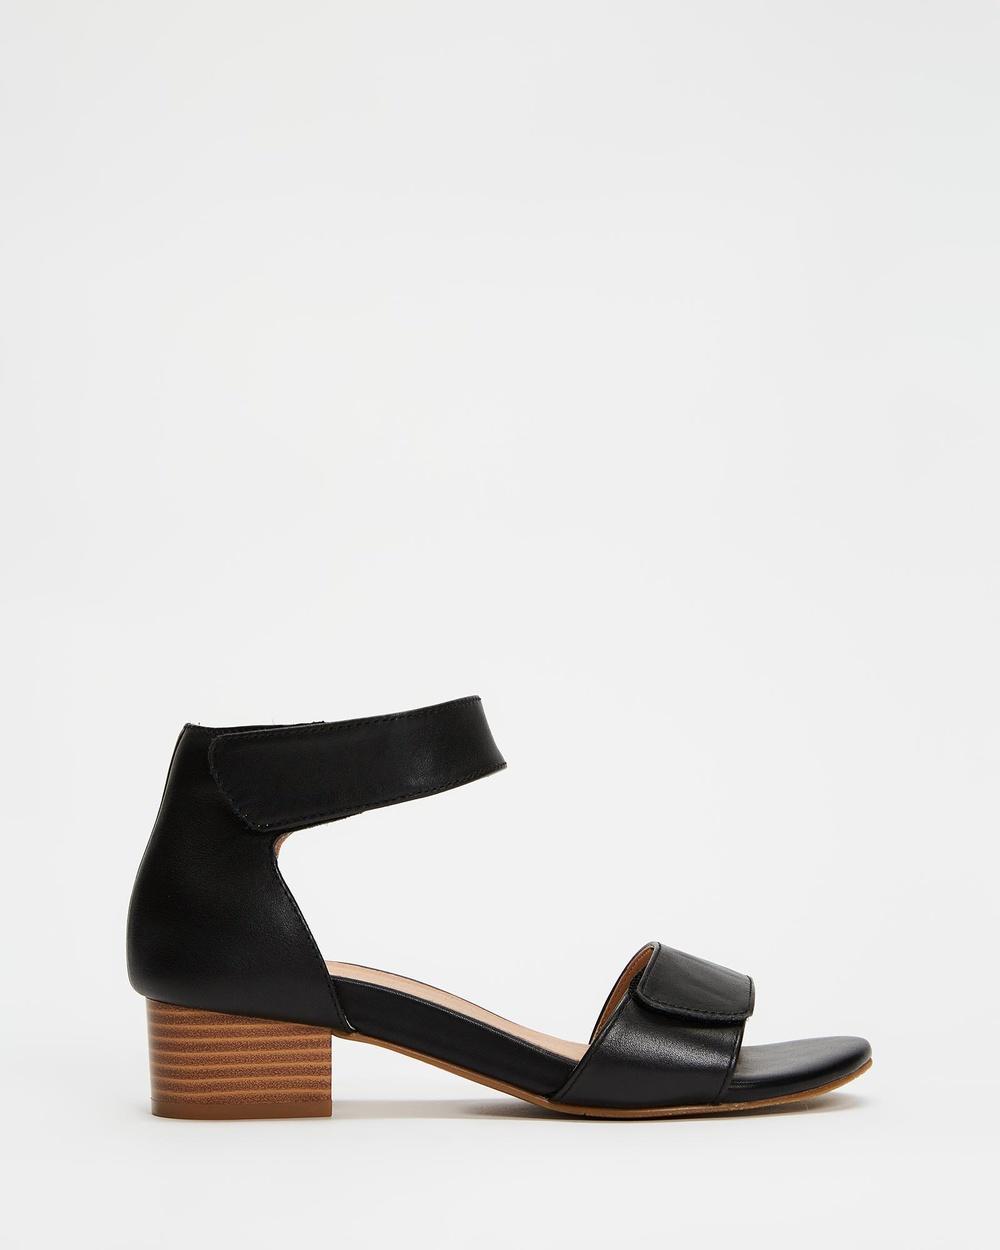 Mia Vita Kim Dress Heels Sandals Black